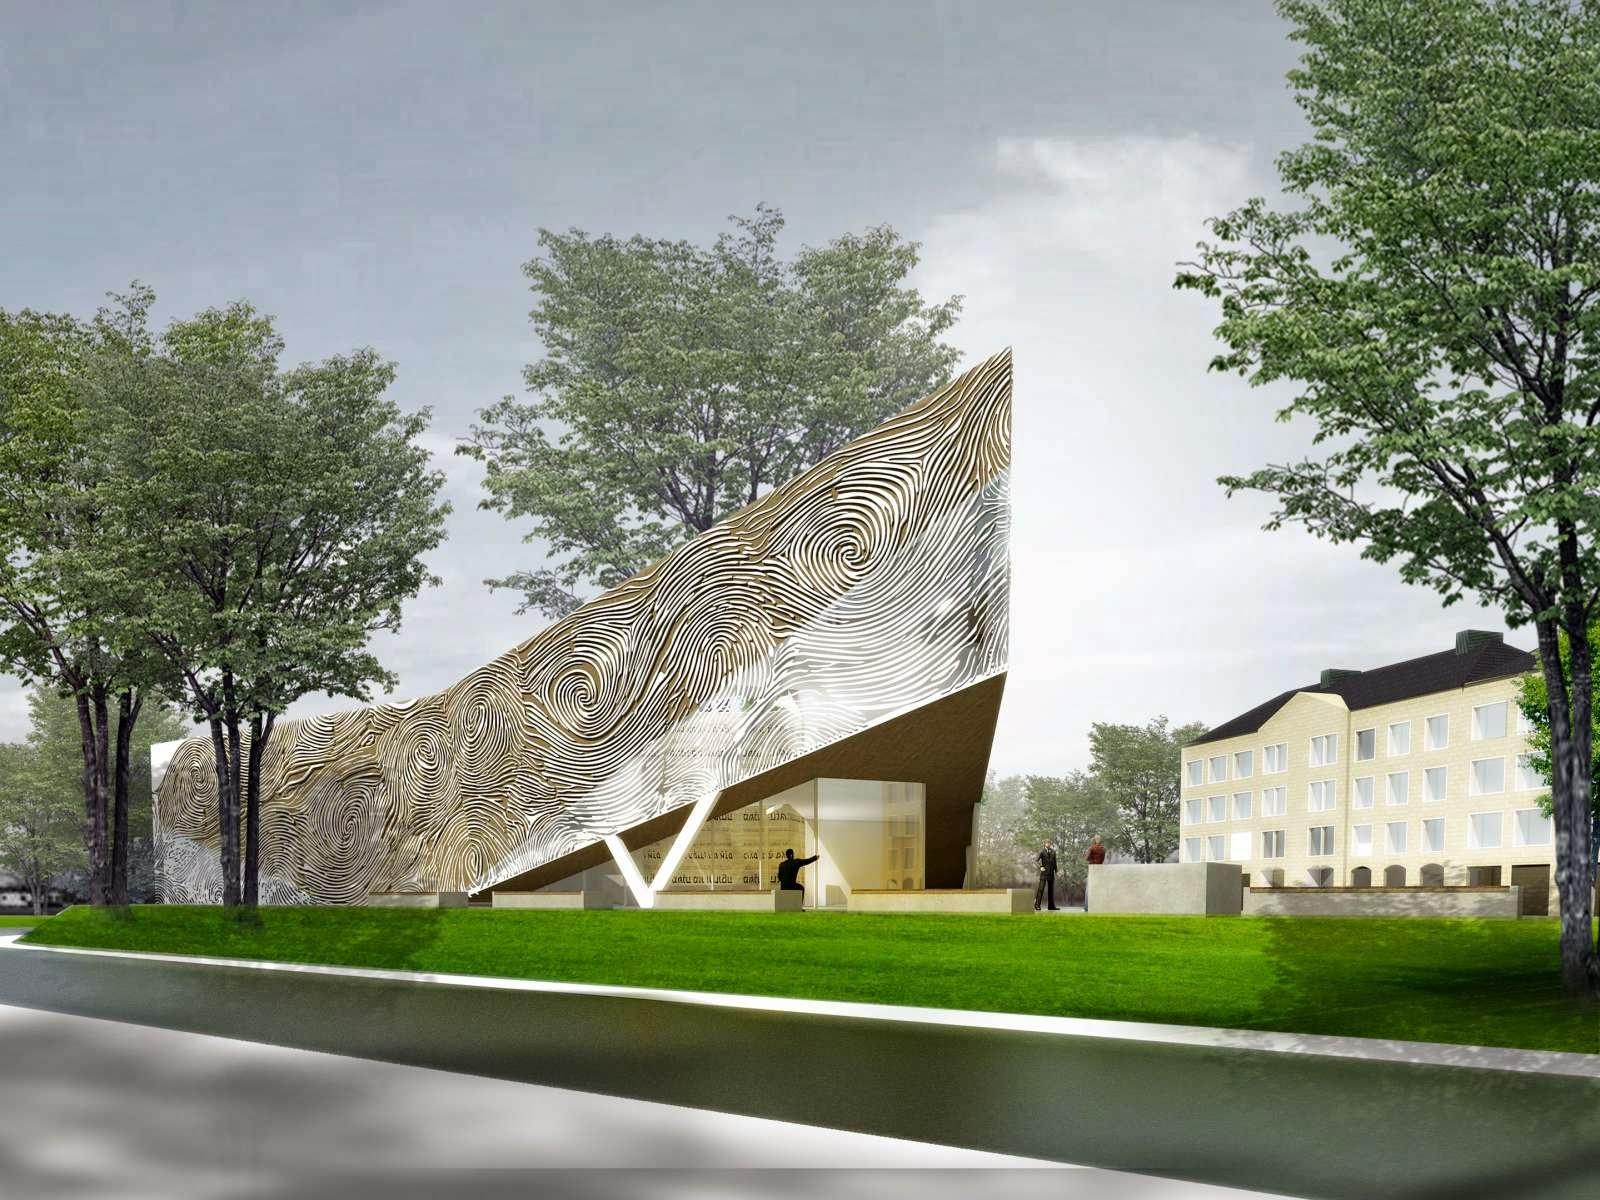 02-New-Sinagoga-in-Koblenz-por-Herrmanns-Architekten